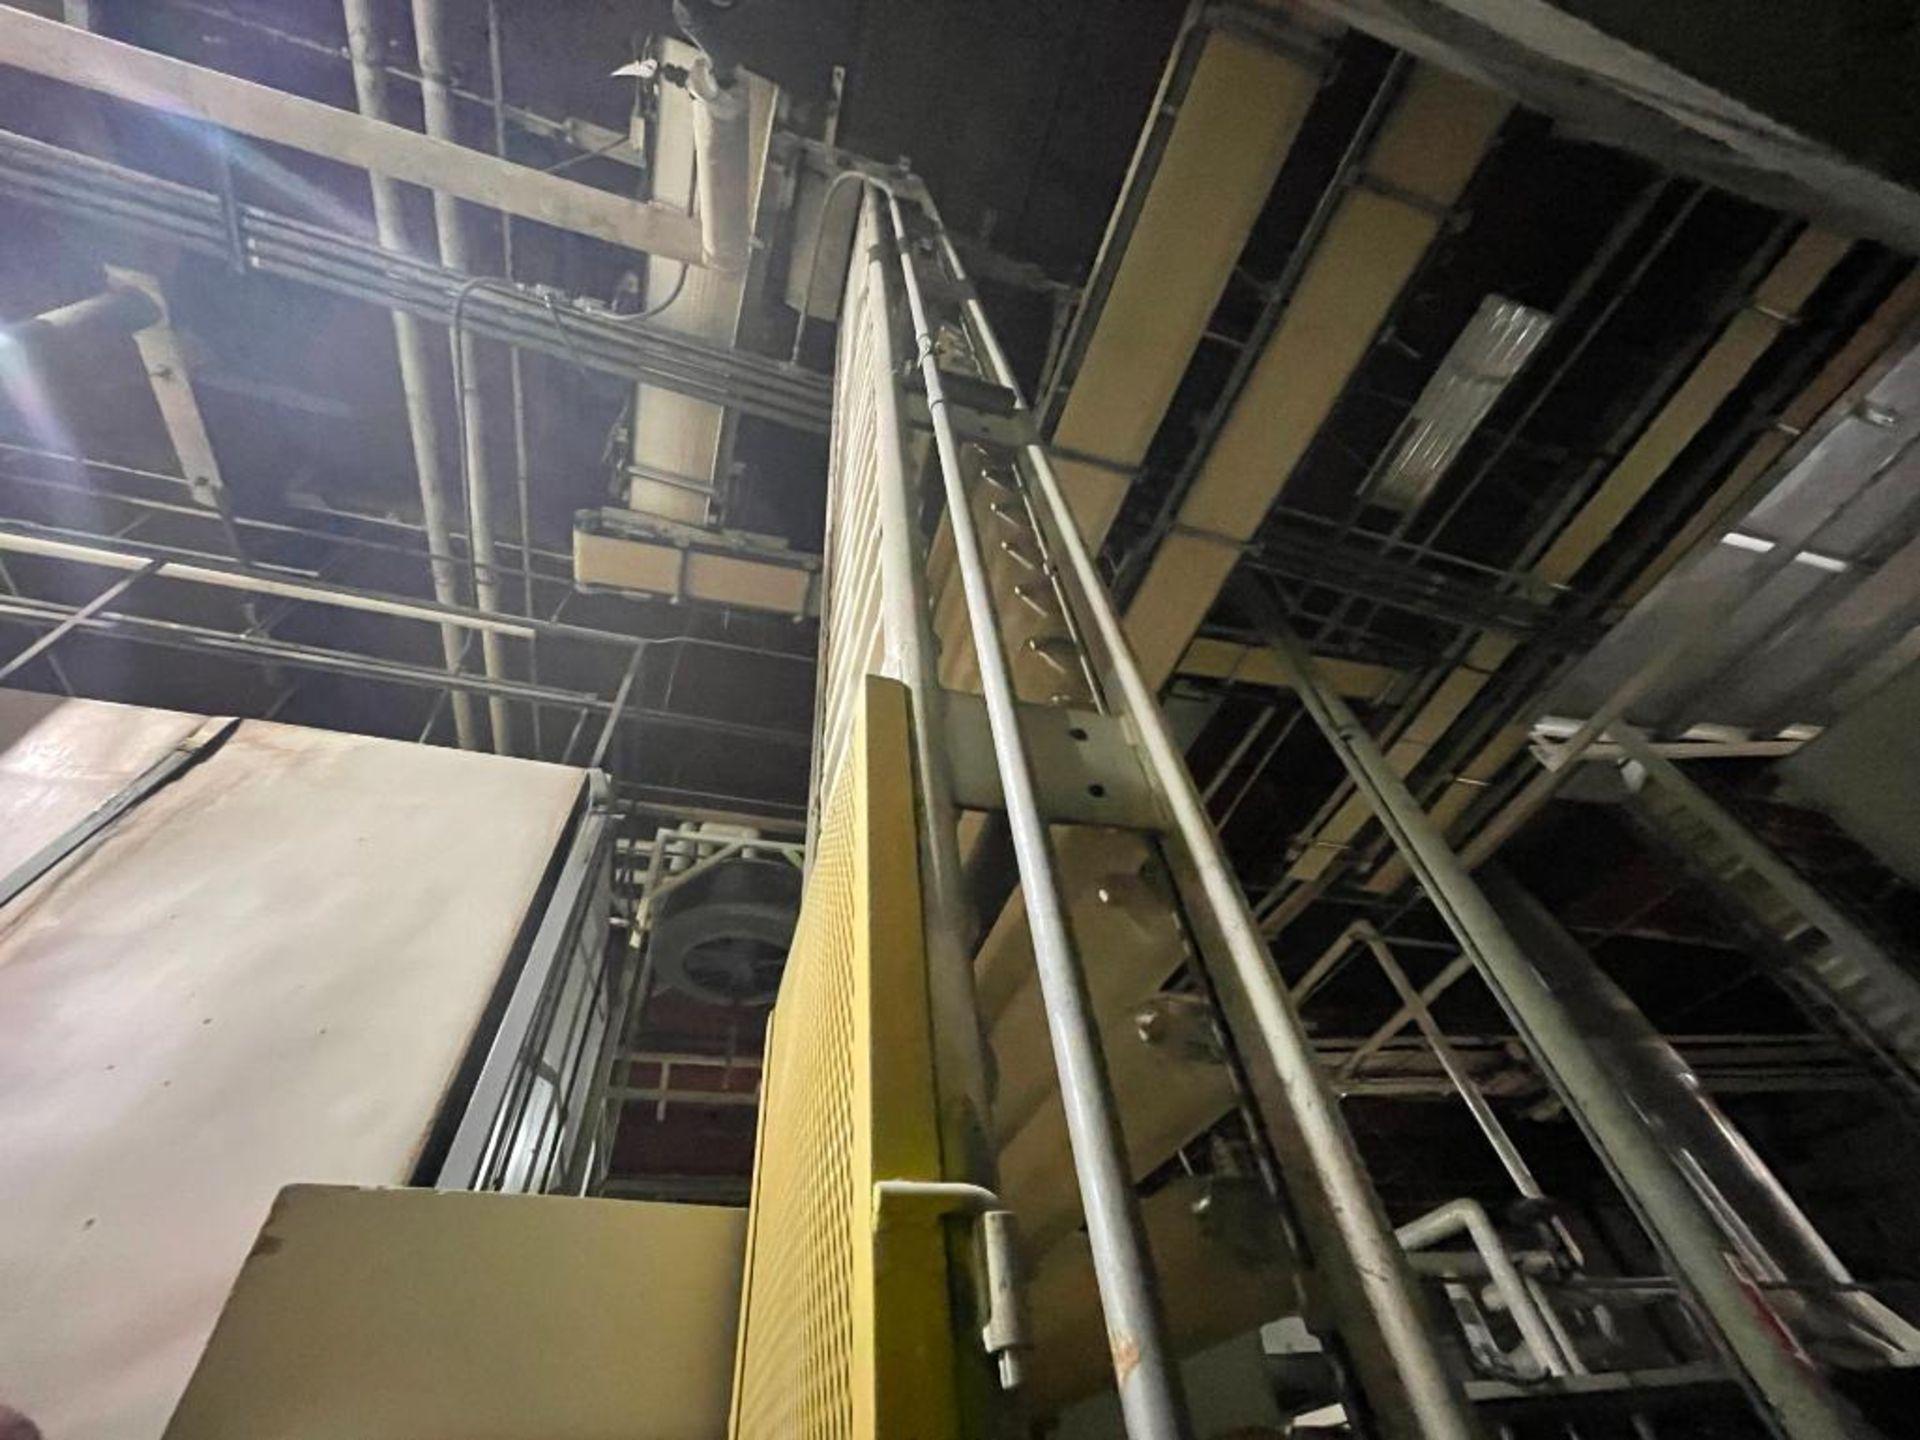 Aseeco overlapping bucket elevator - Image 8 of 14